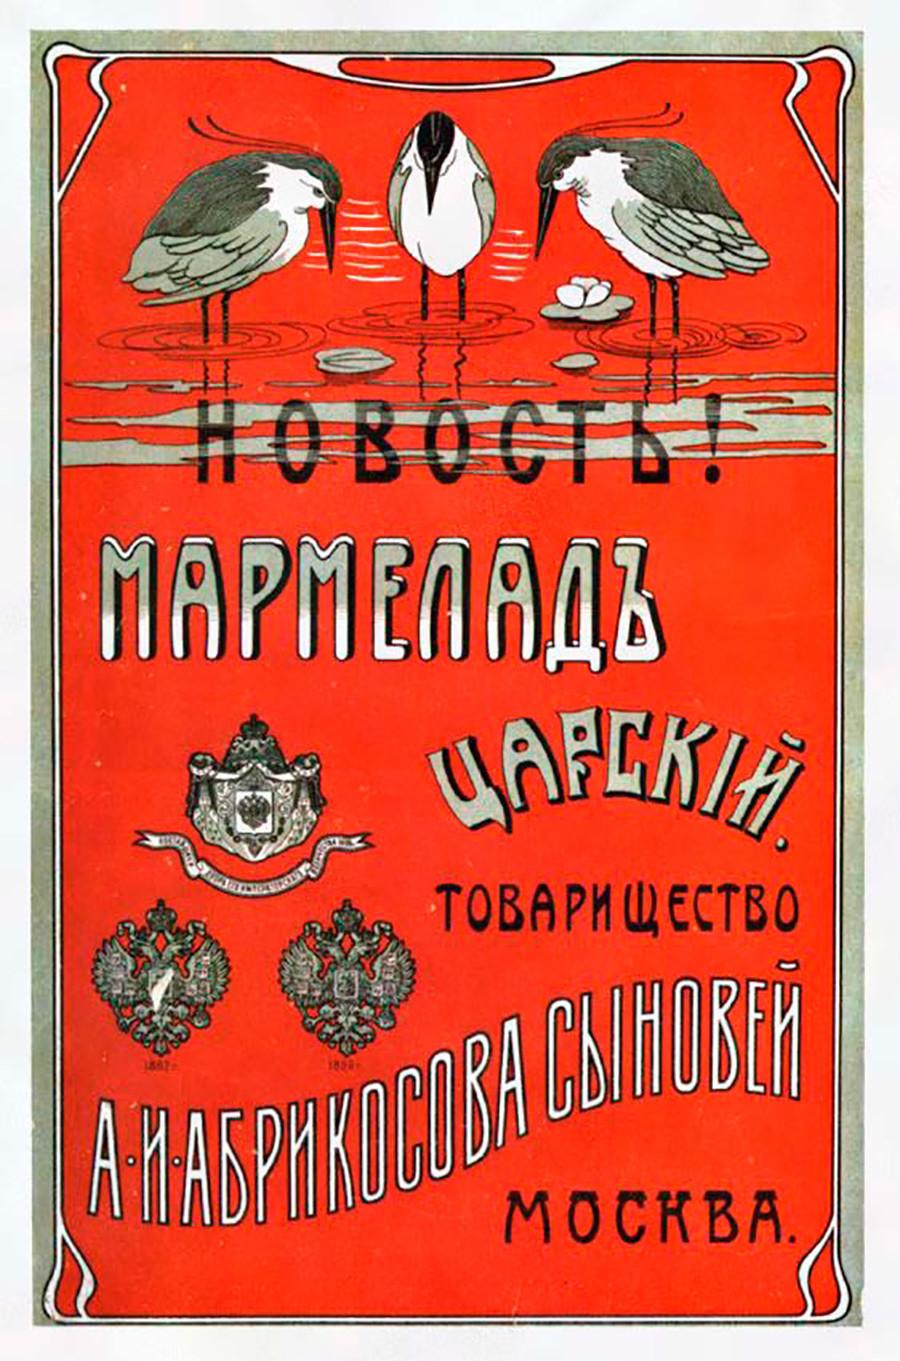 Tsarsky marmalade.